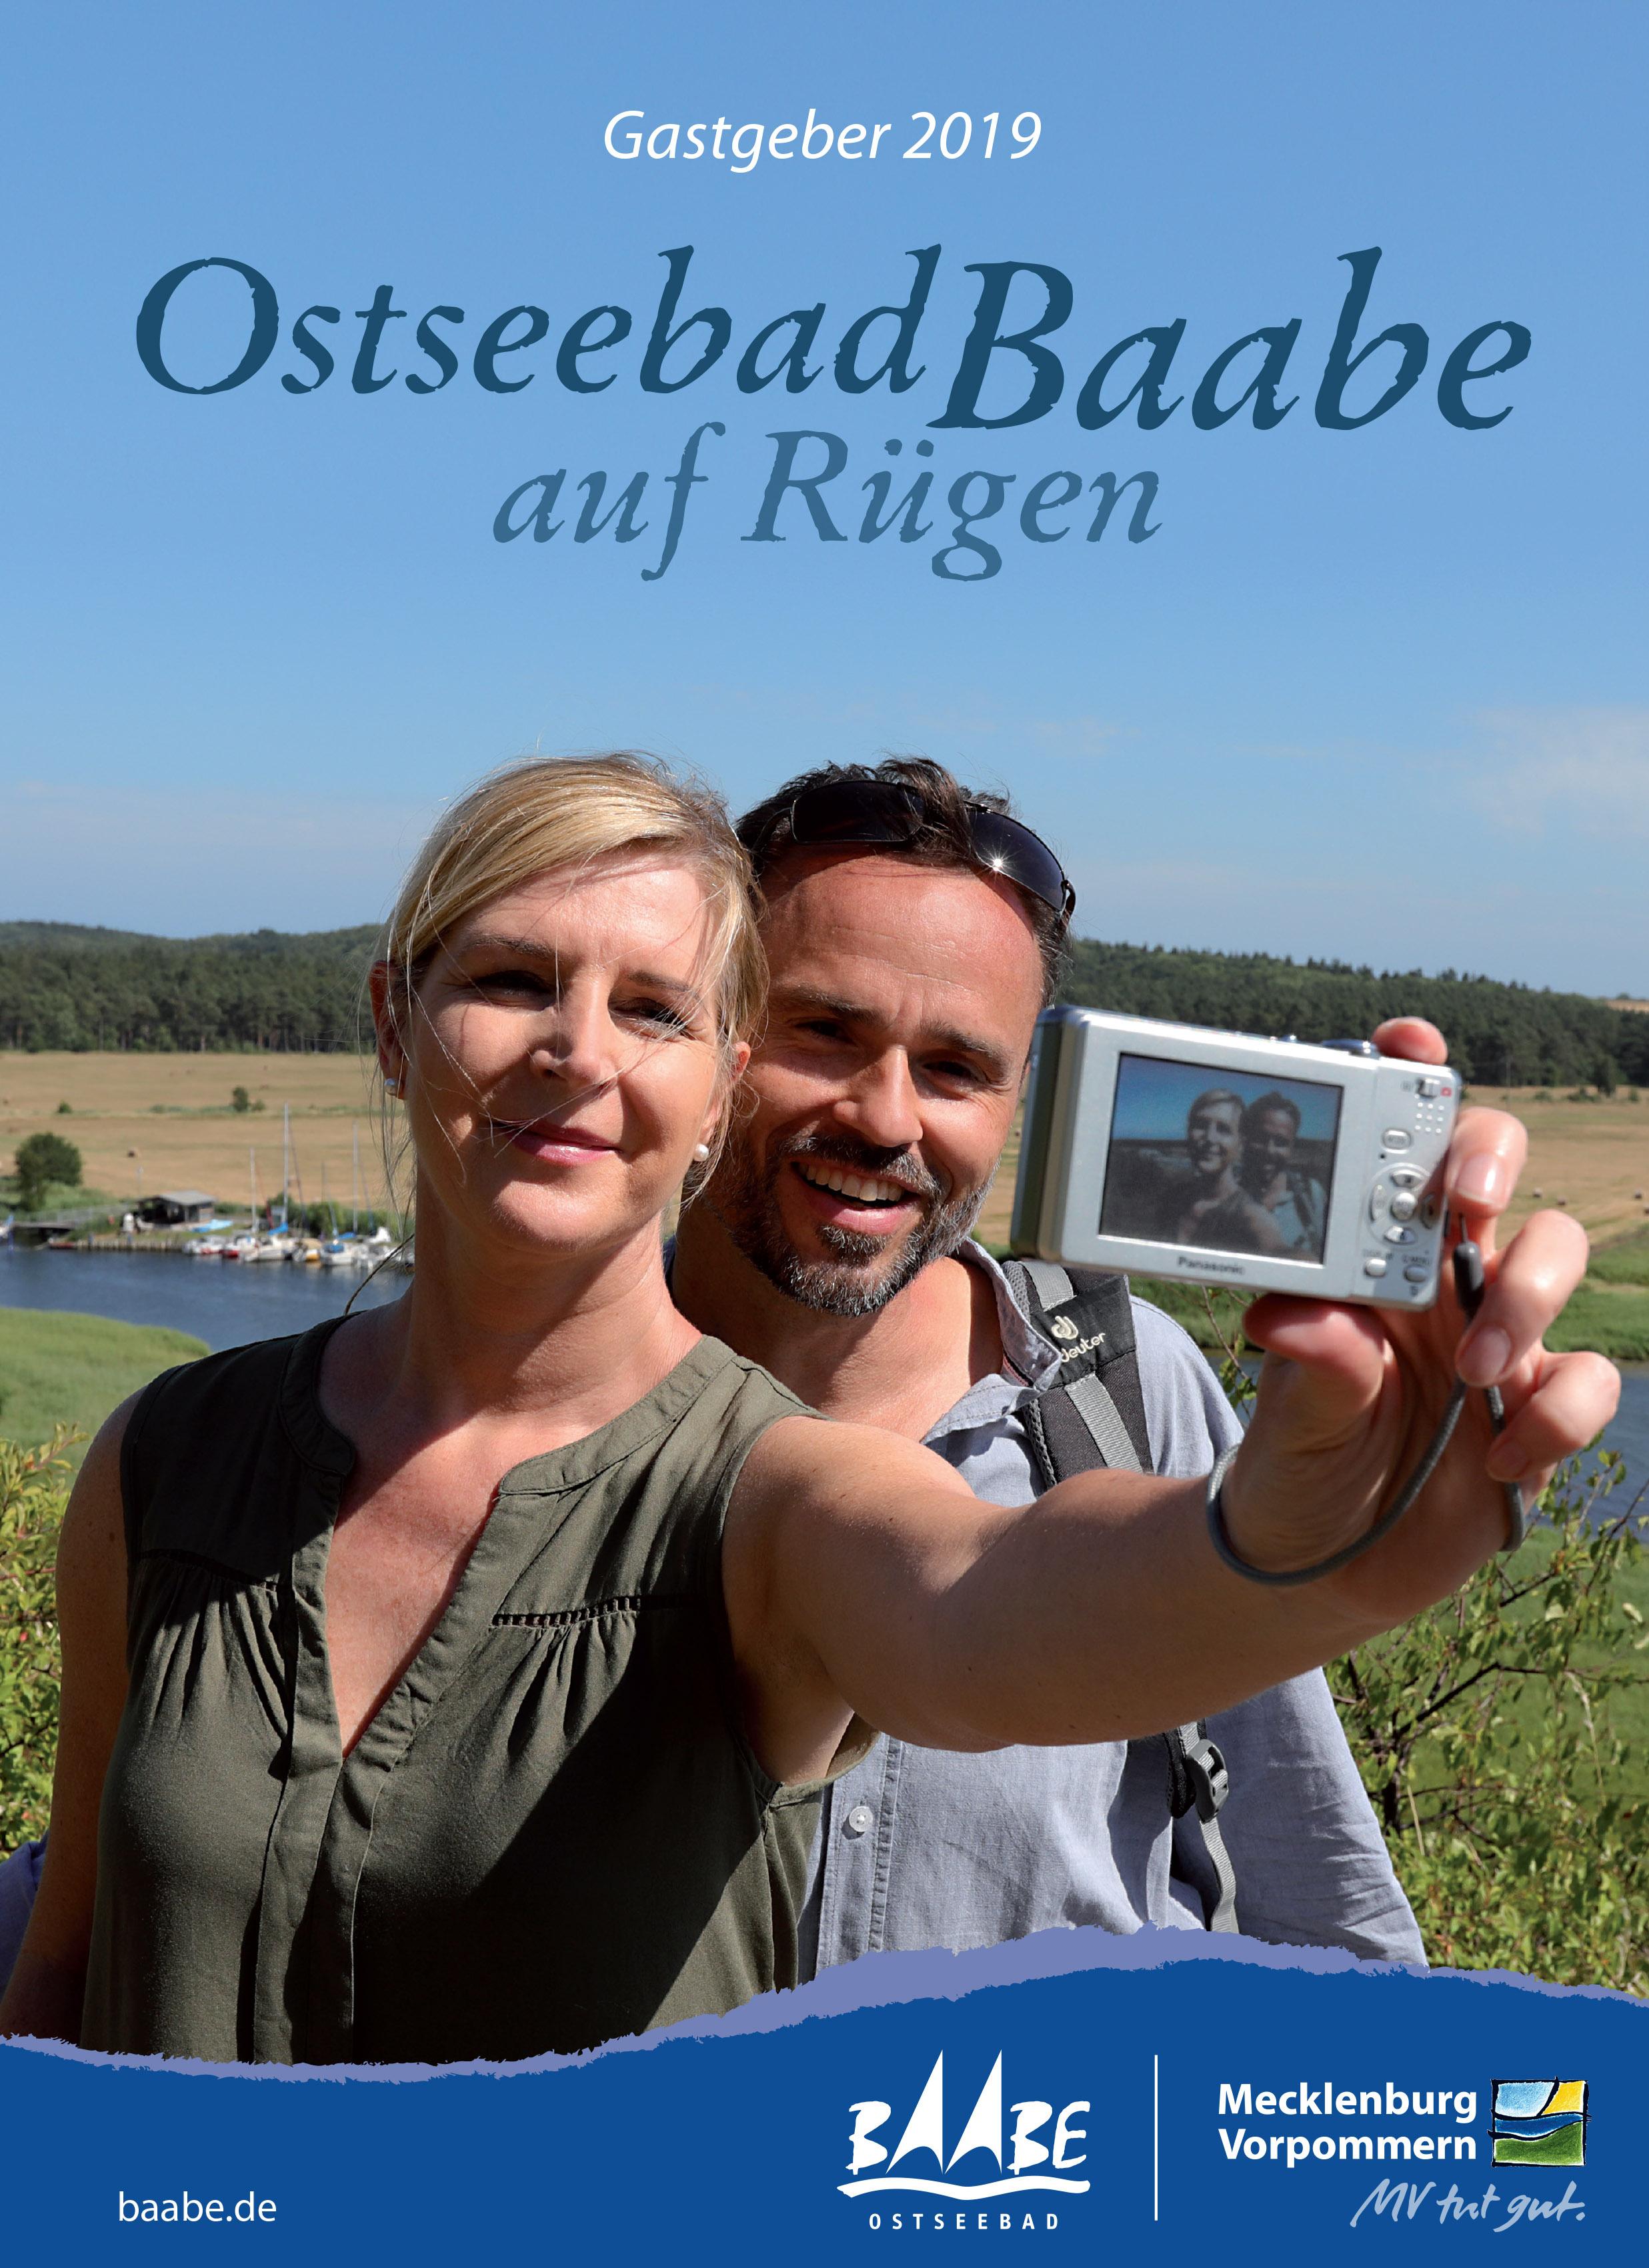 Titel Gastgeberverzeichnis Baabe